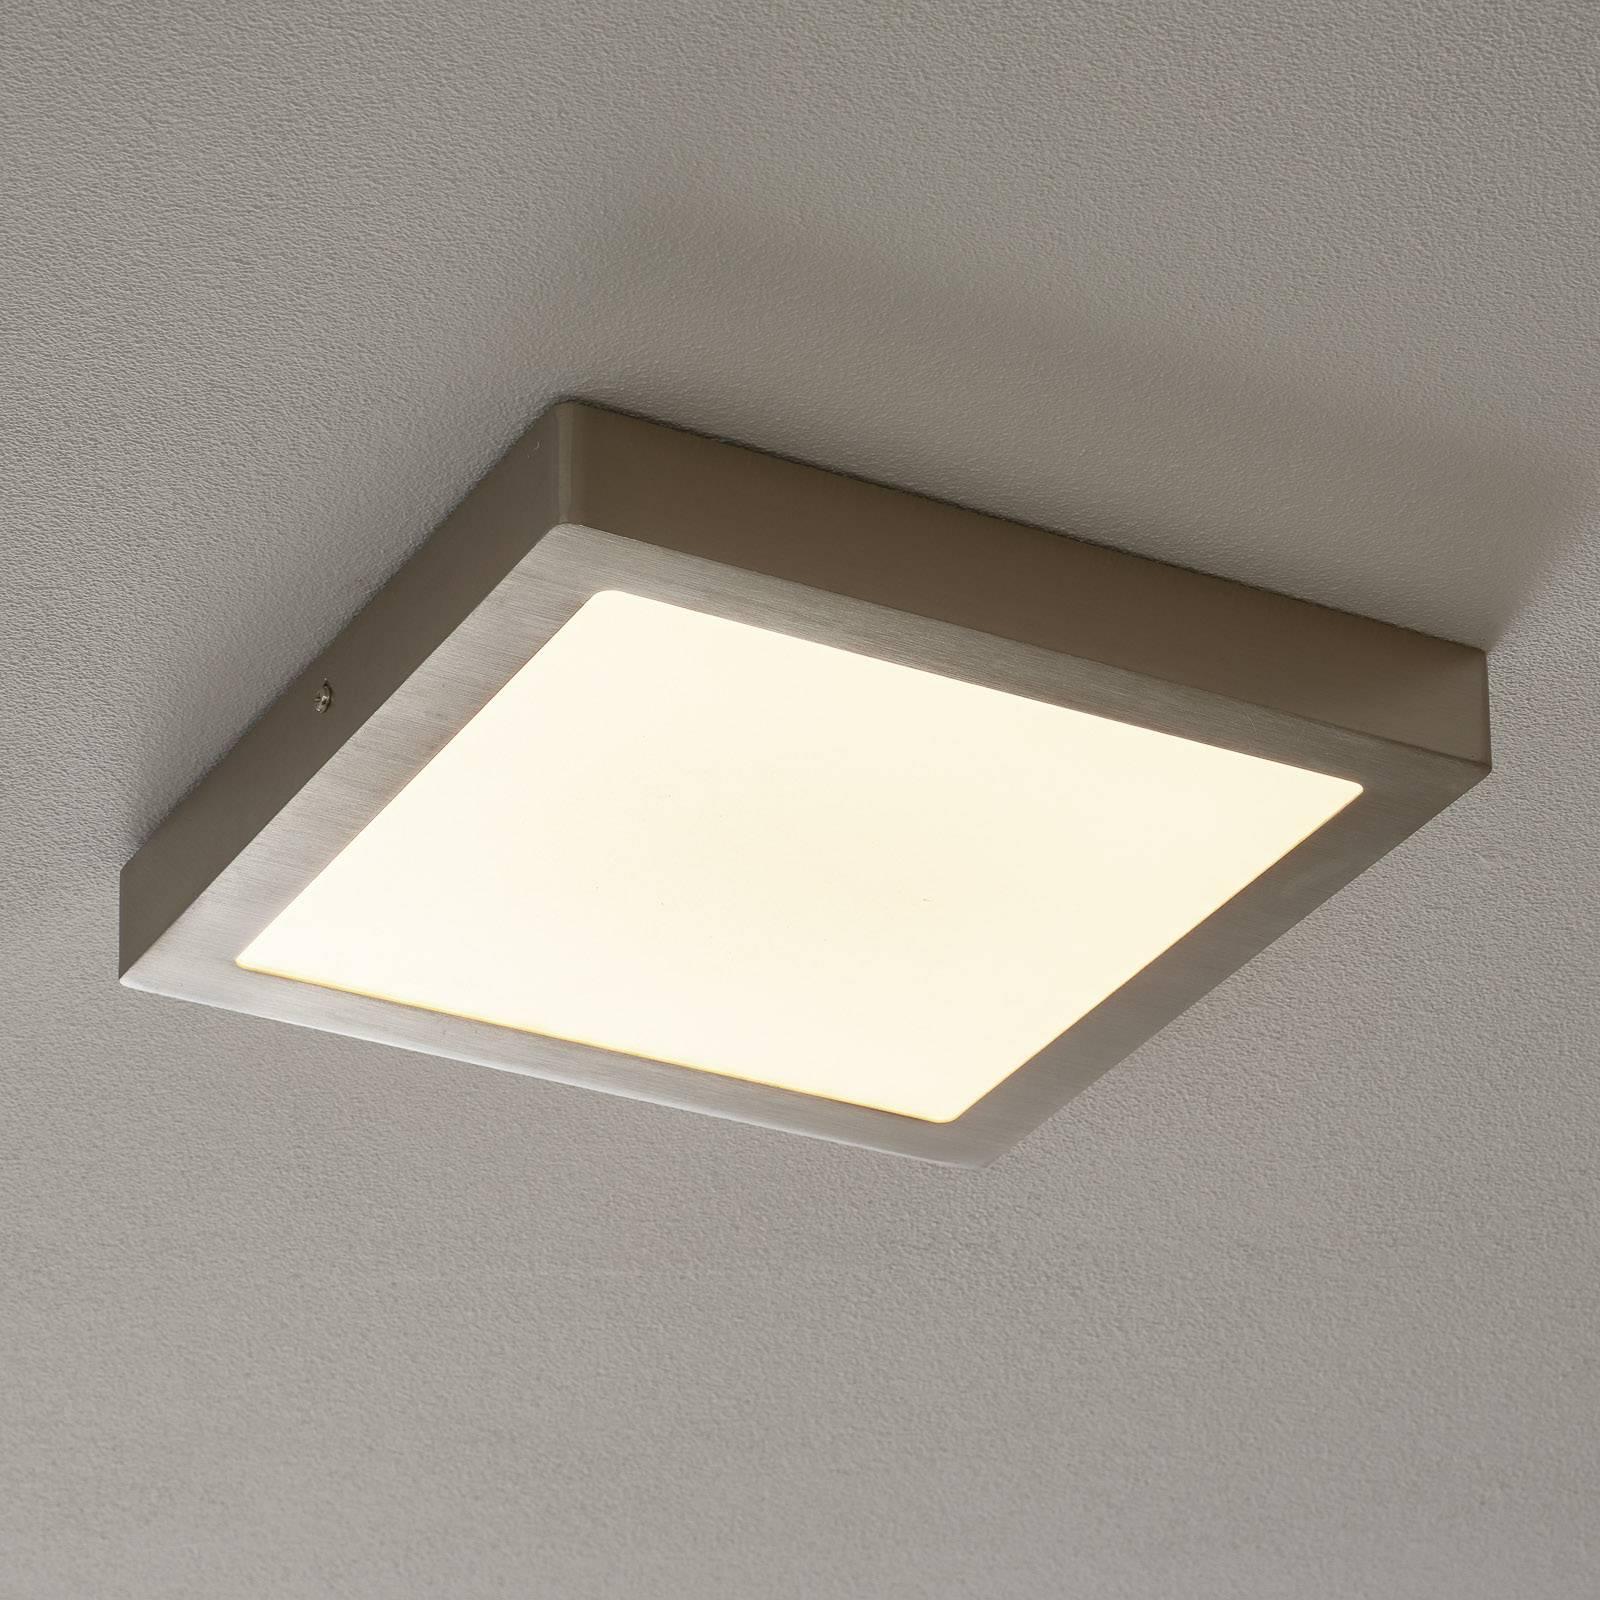 EGLO connect Fueva-C LED plafondlamp 30cm nikkel